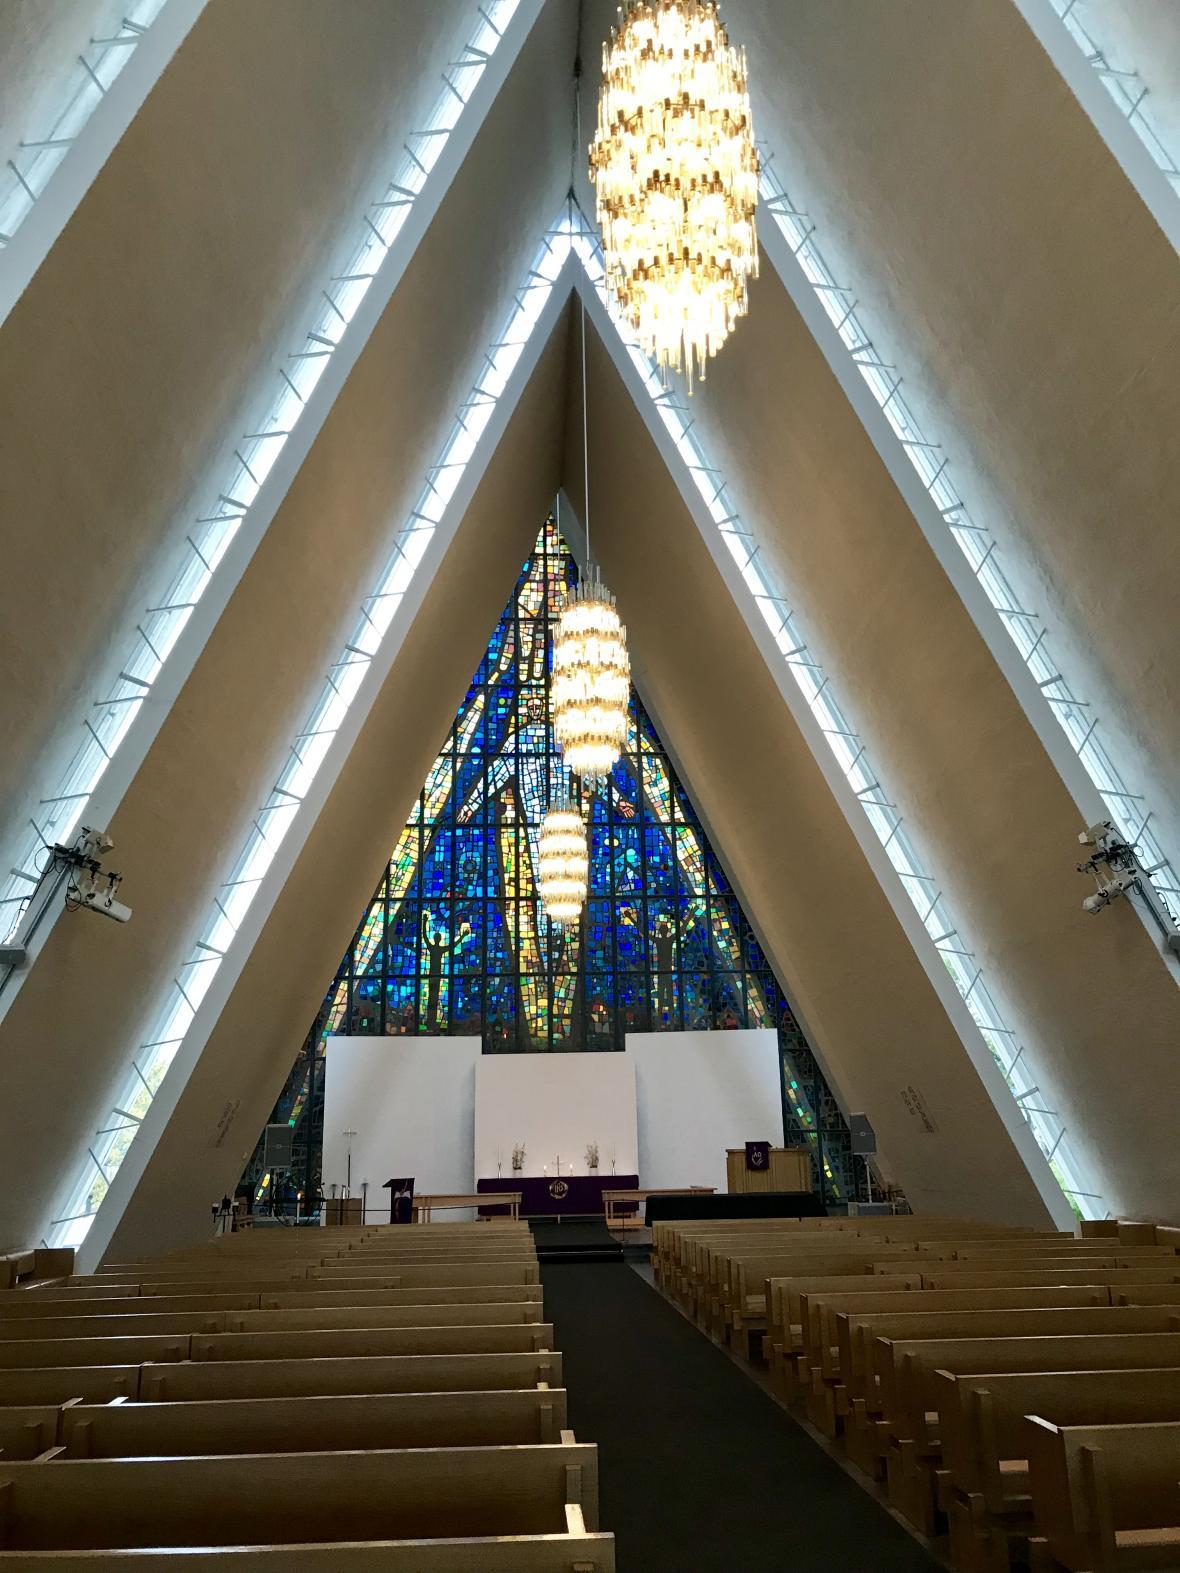 Arktická katedrála ve městě Tromsø